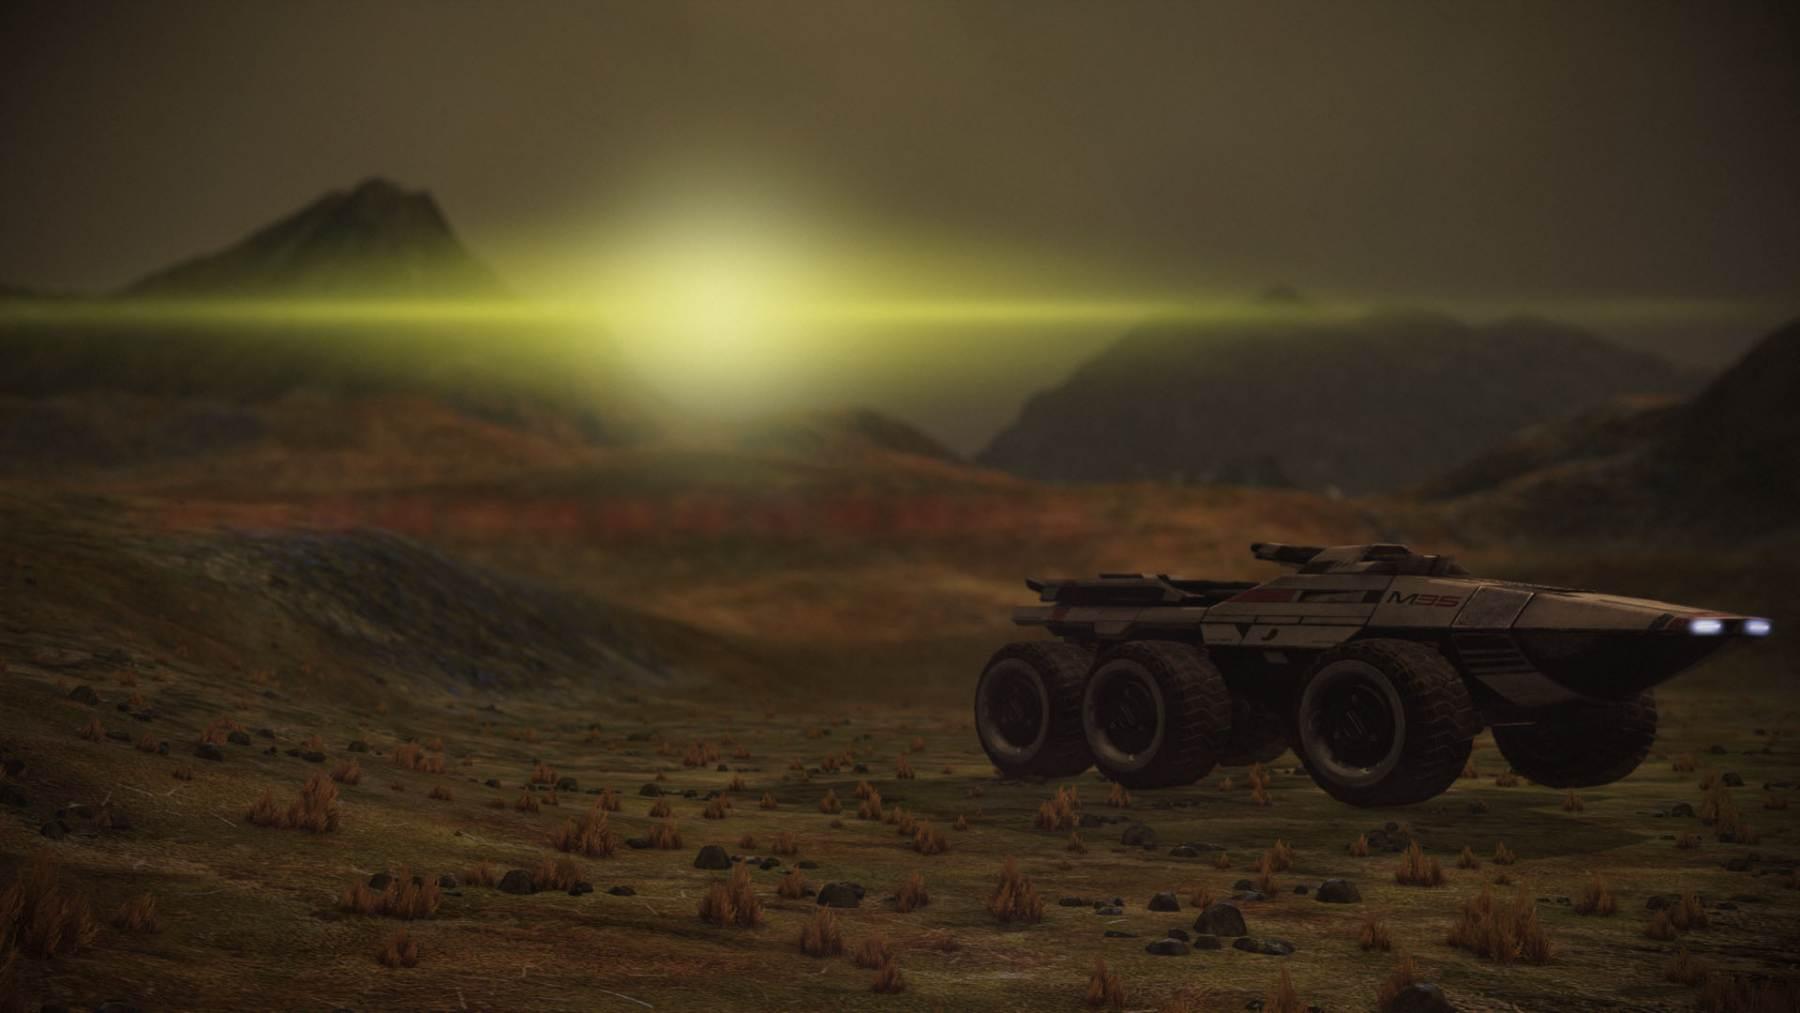 Mass-Effect-Mako-Planetside